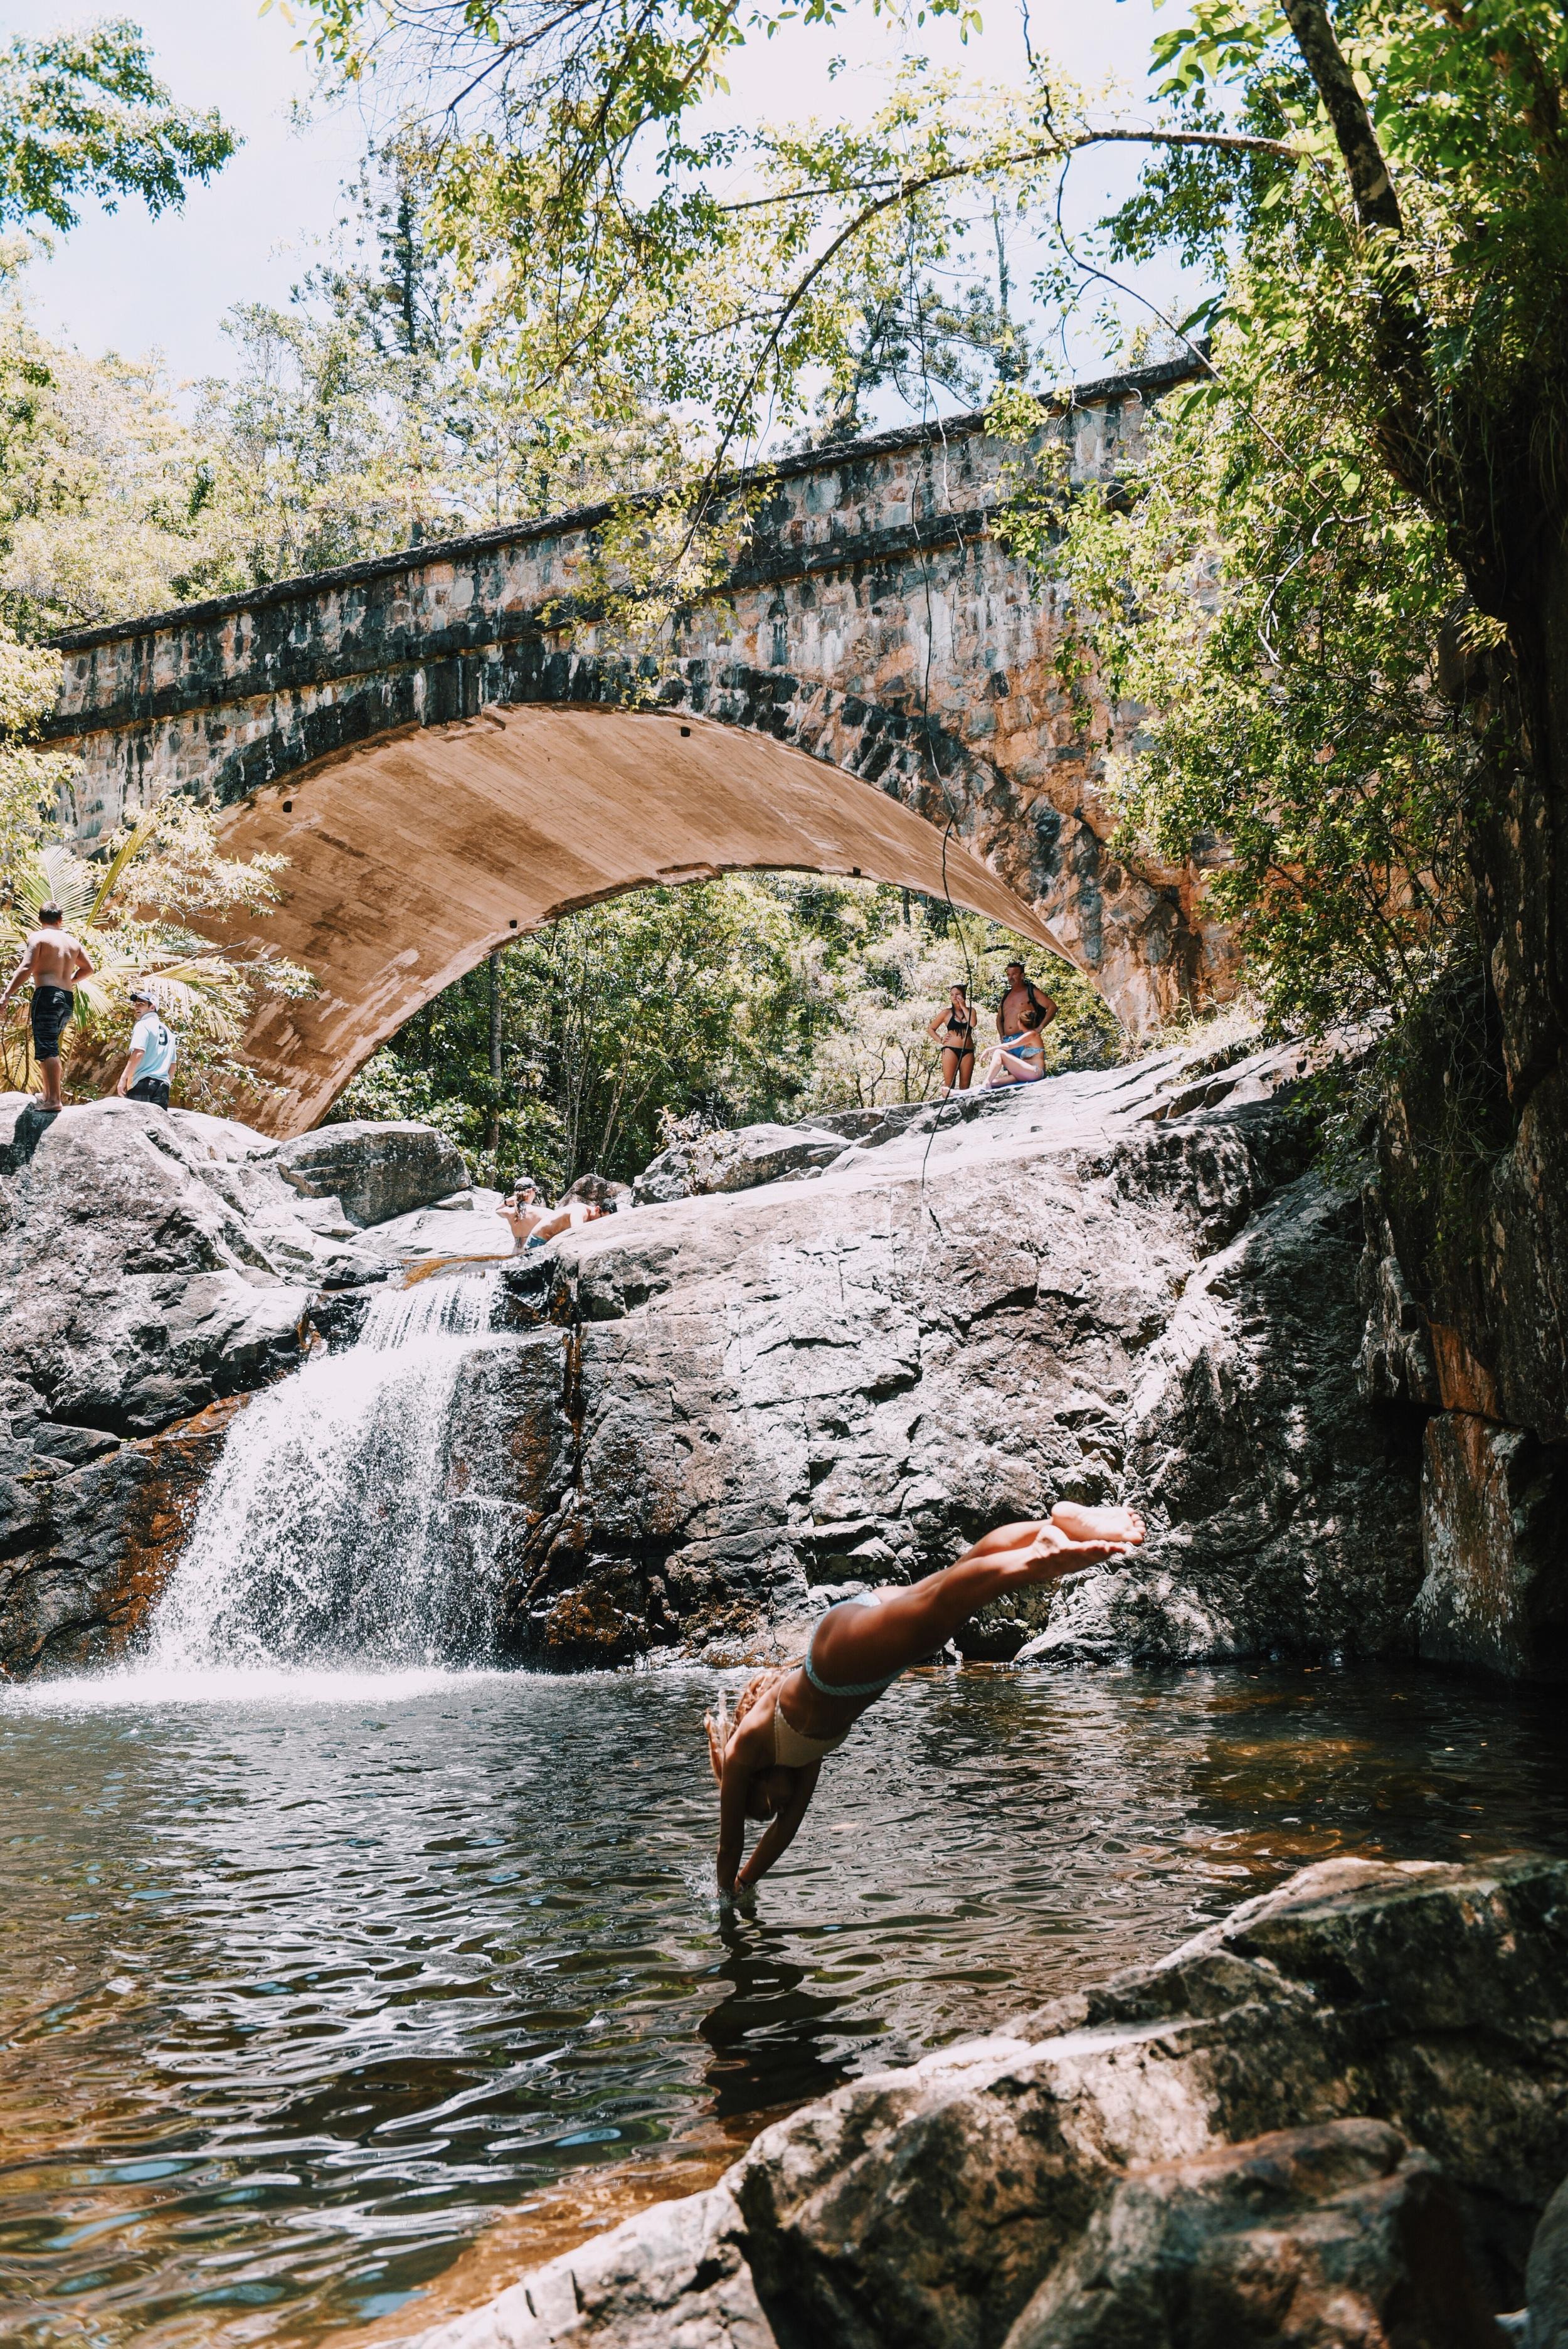 Diving into fresh water at Crystal Creek falls